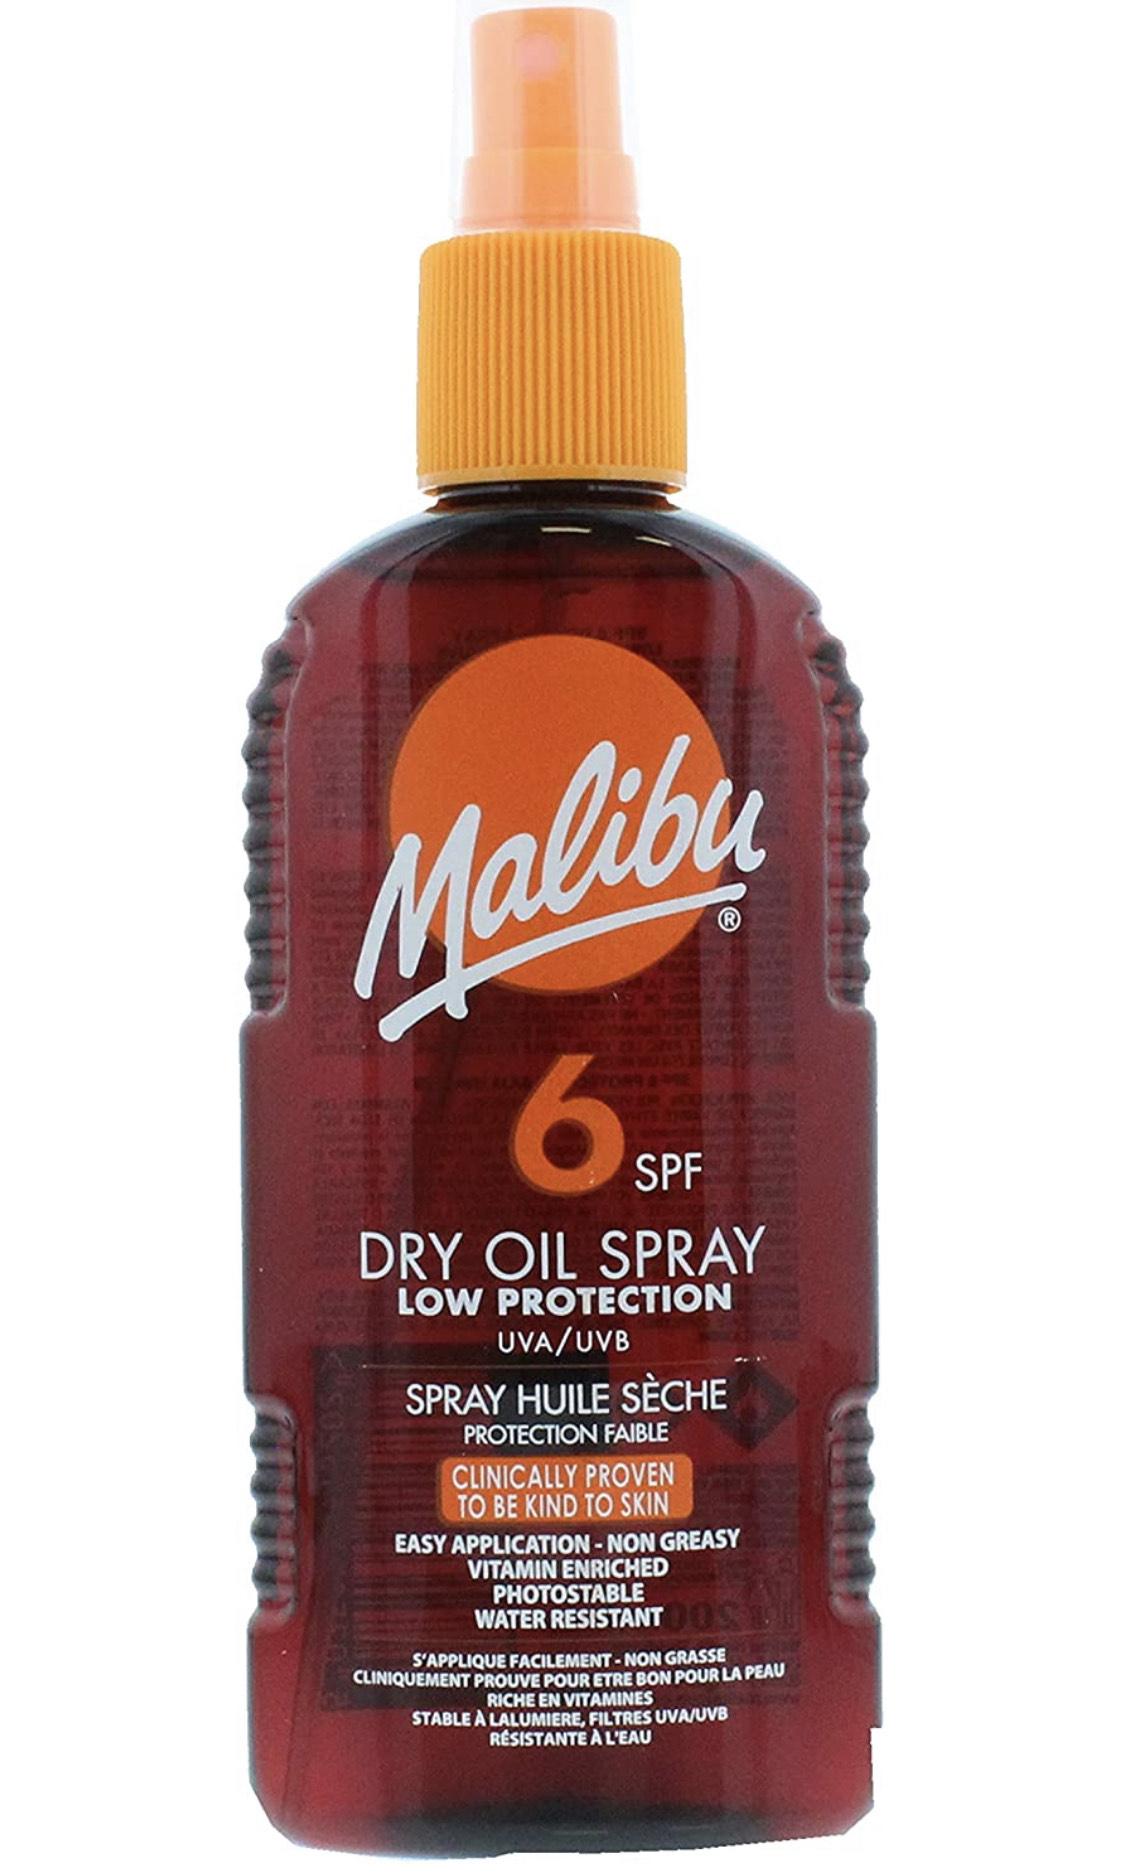 Malibu Low Protection Water Resistant Non-Greasy Dry Oil Sun Spray SPF 6, 200ml £2.50 (+£4.49 Non Prime) @ Amazon